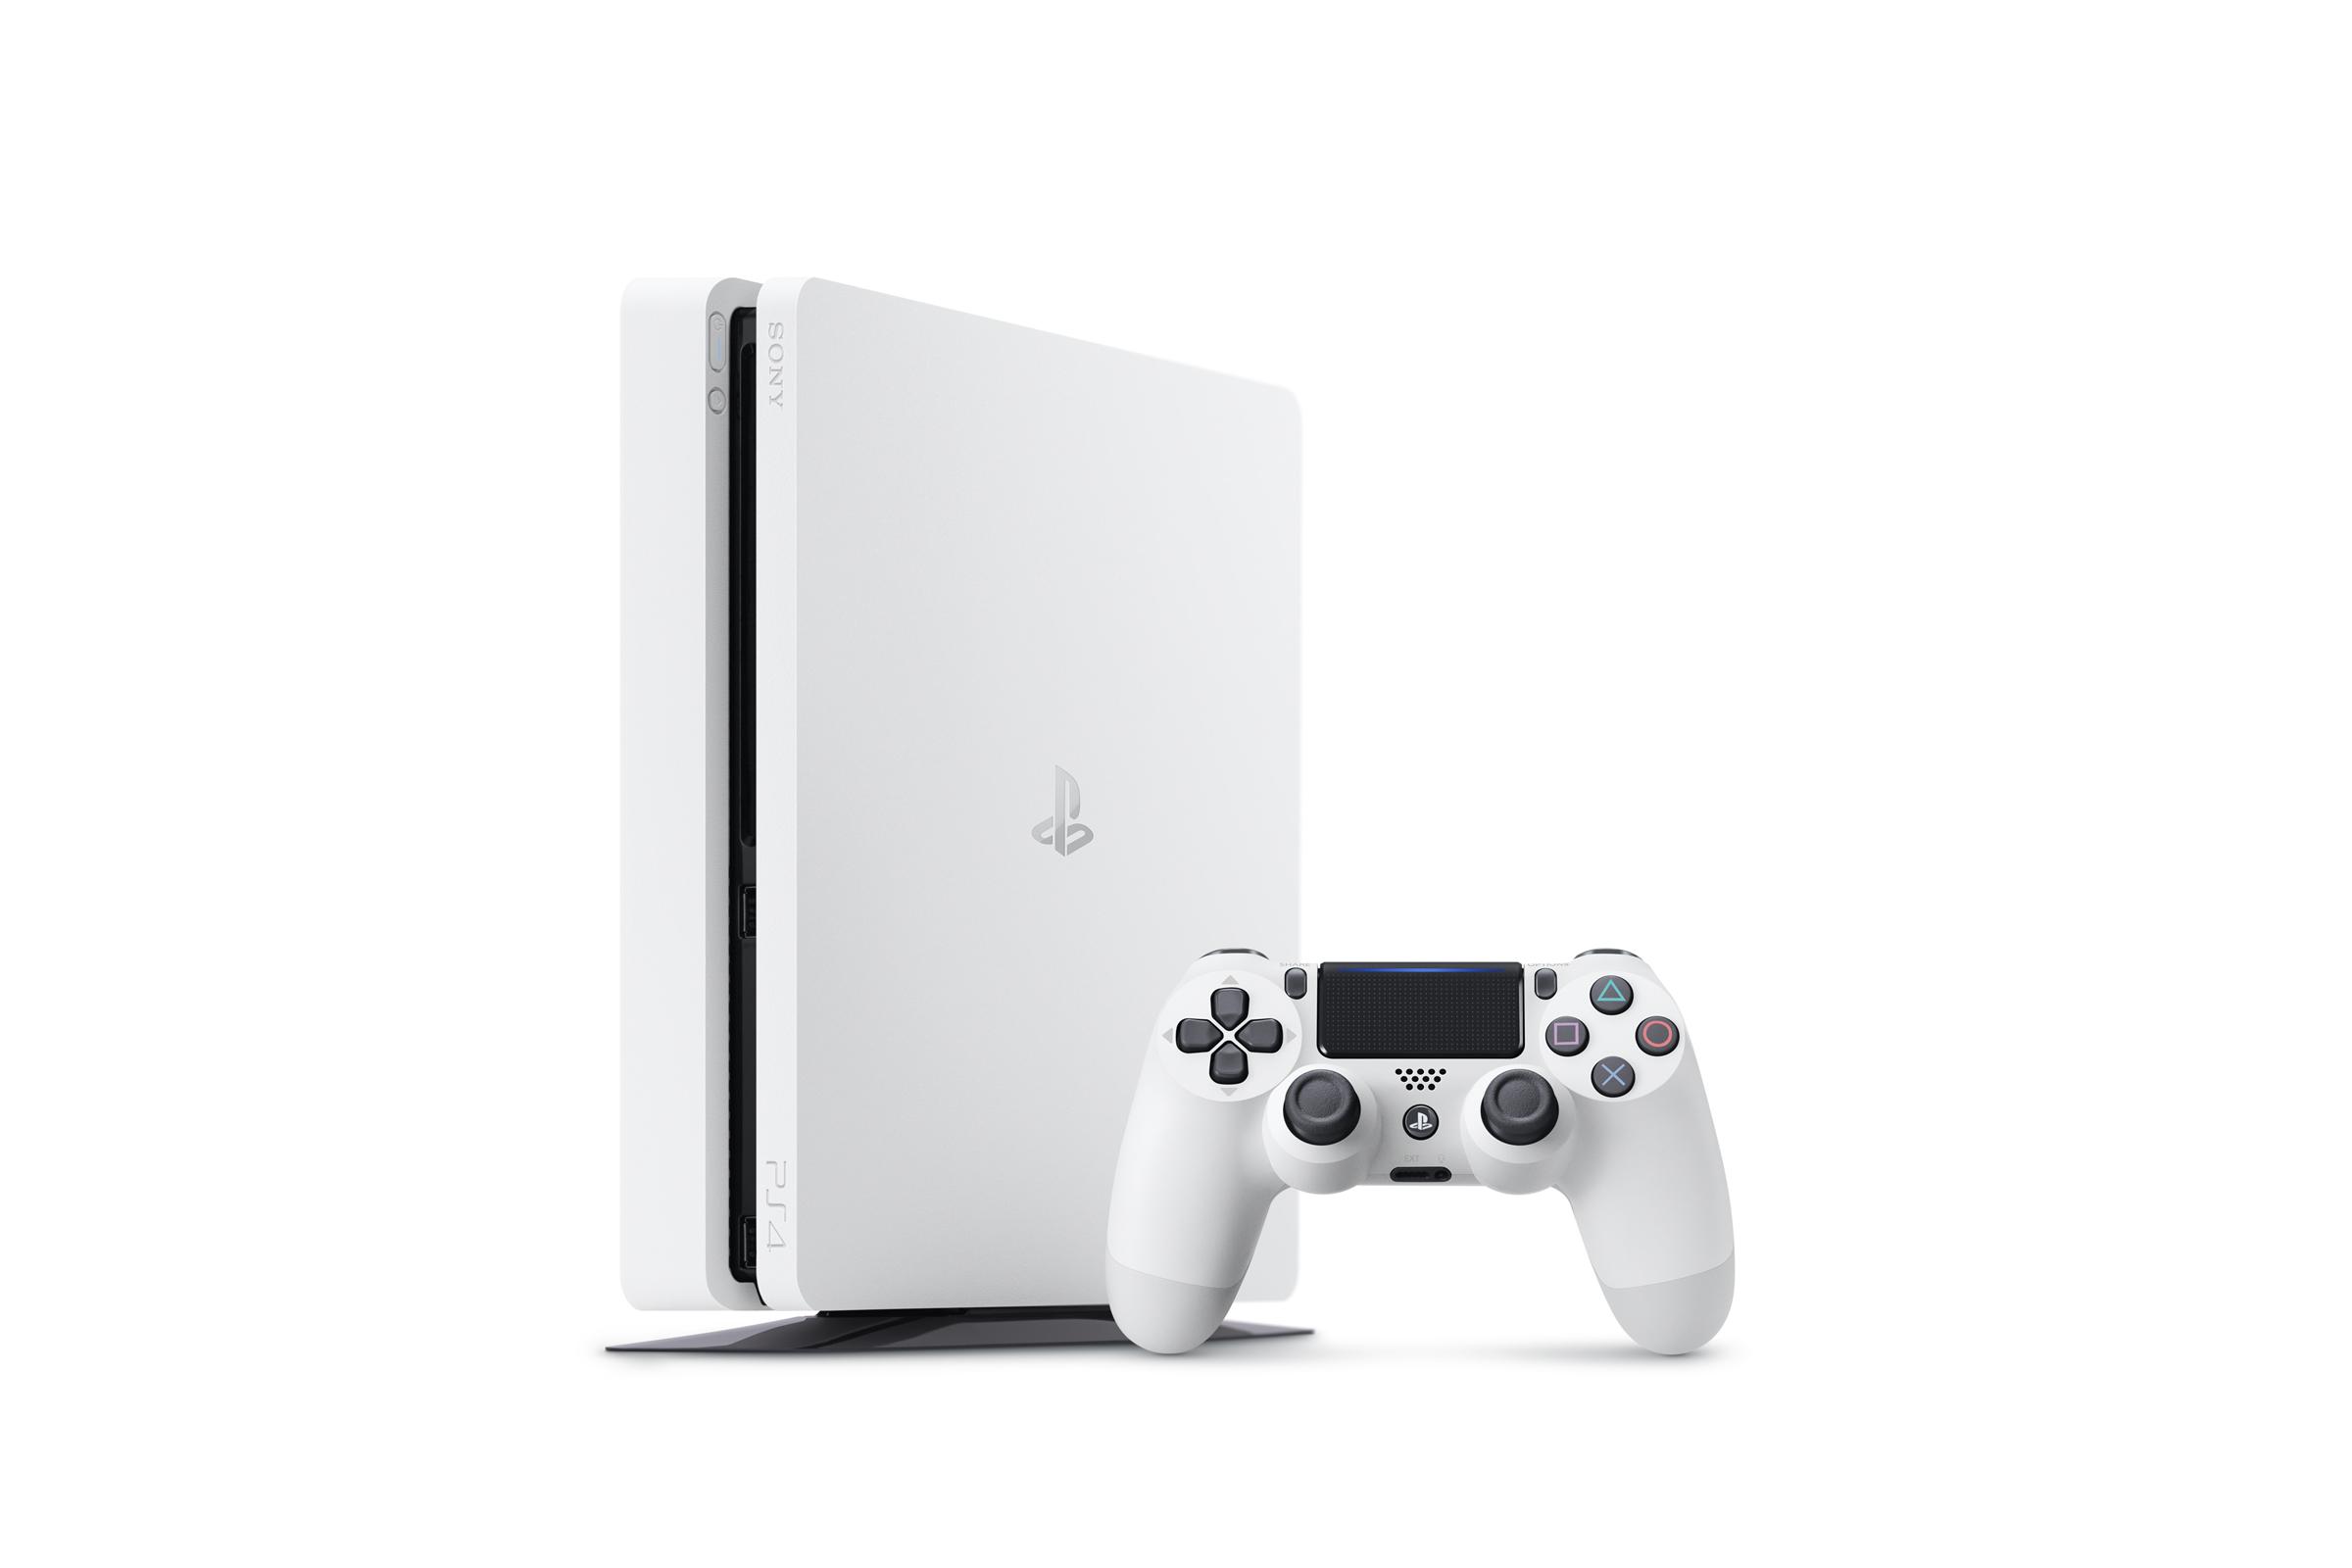 Консоль PlayStation 4 Slim будет продаваться в белом цвете